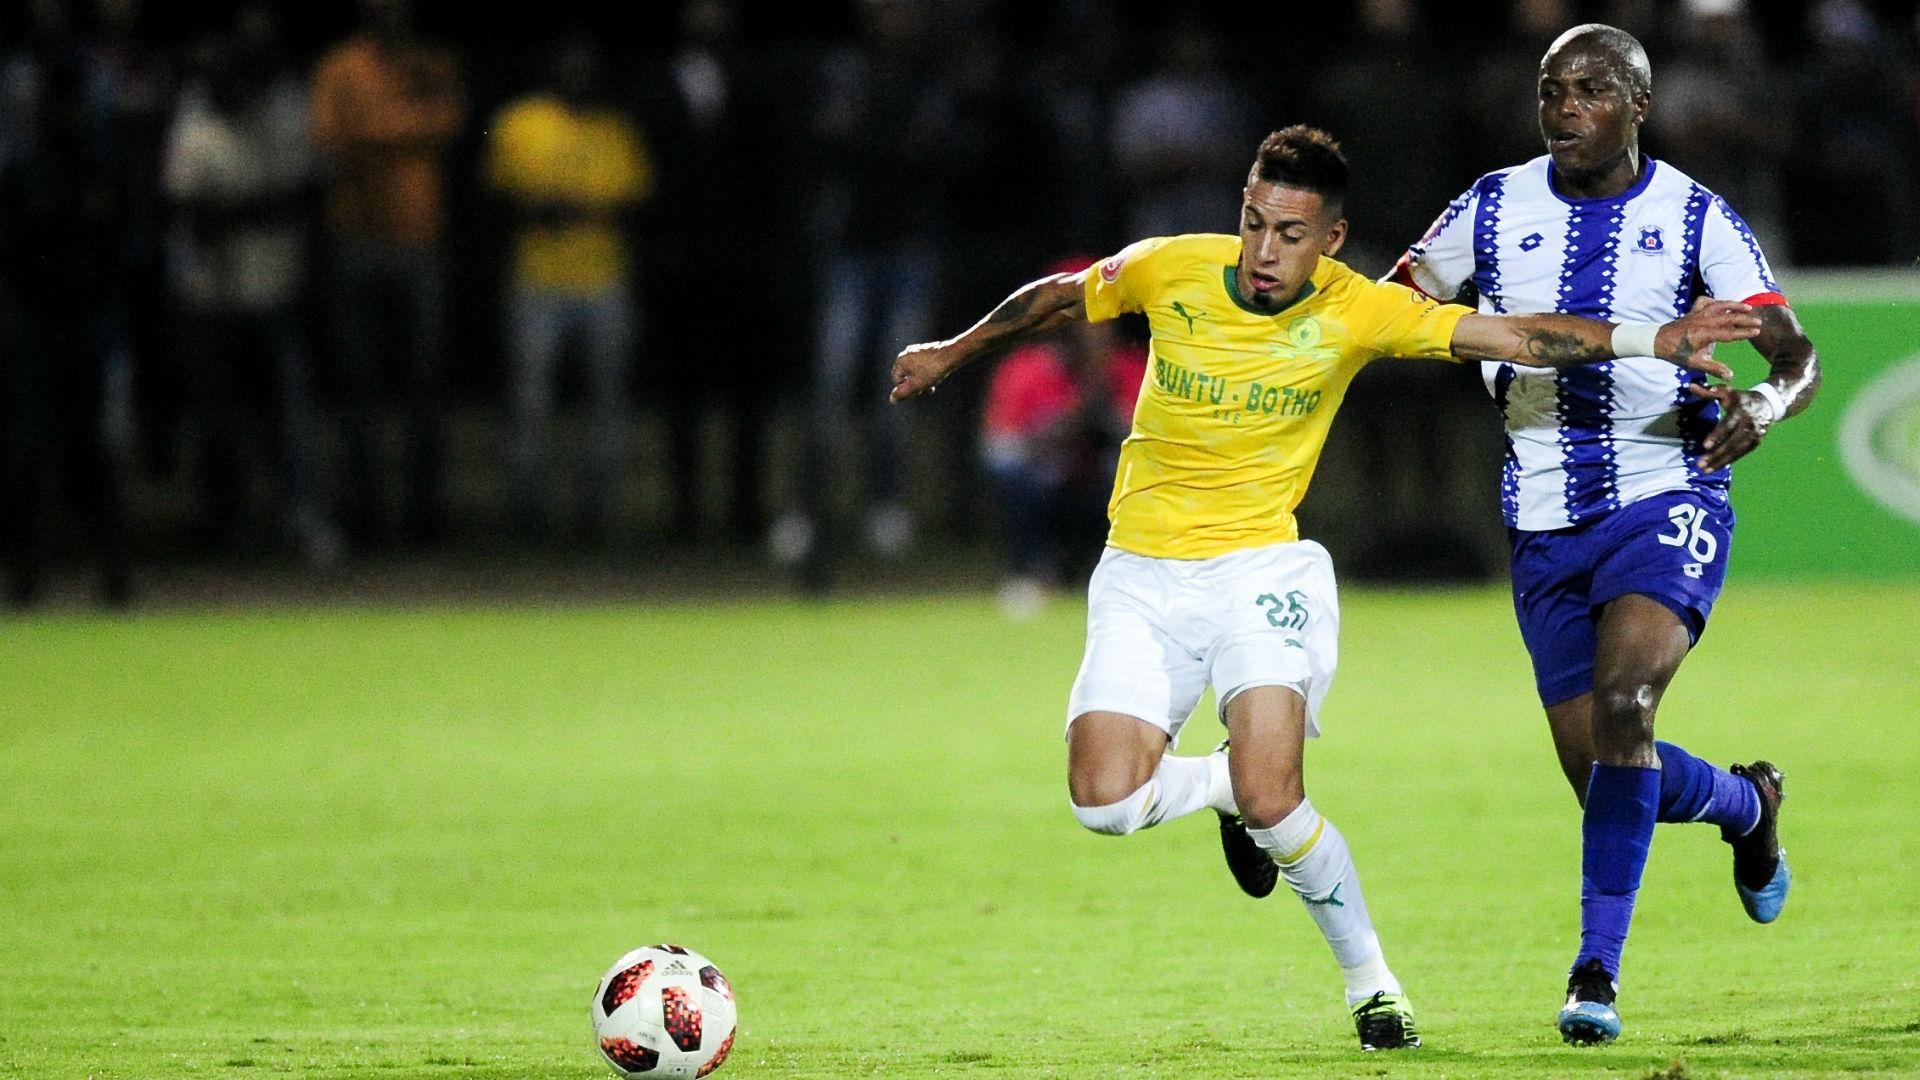 Sirino and Lakay combine to hand Mamelodi Sundowns victory over Maritzburg United